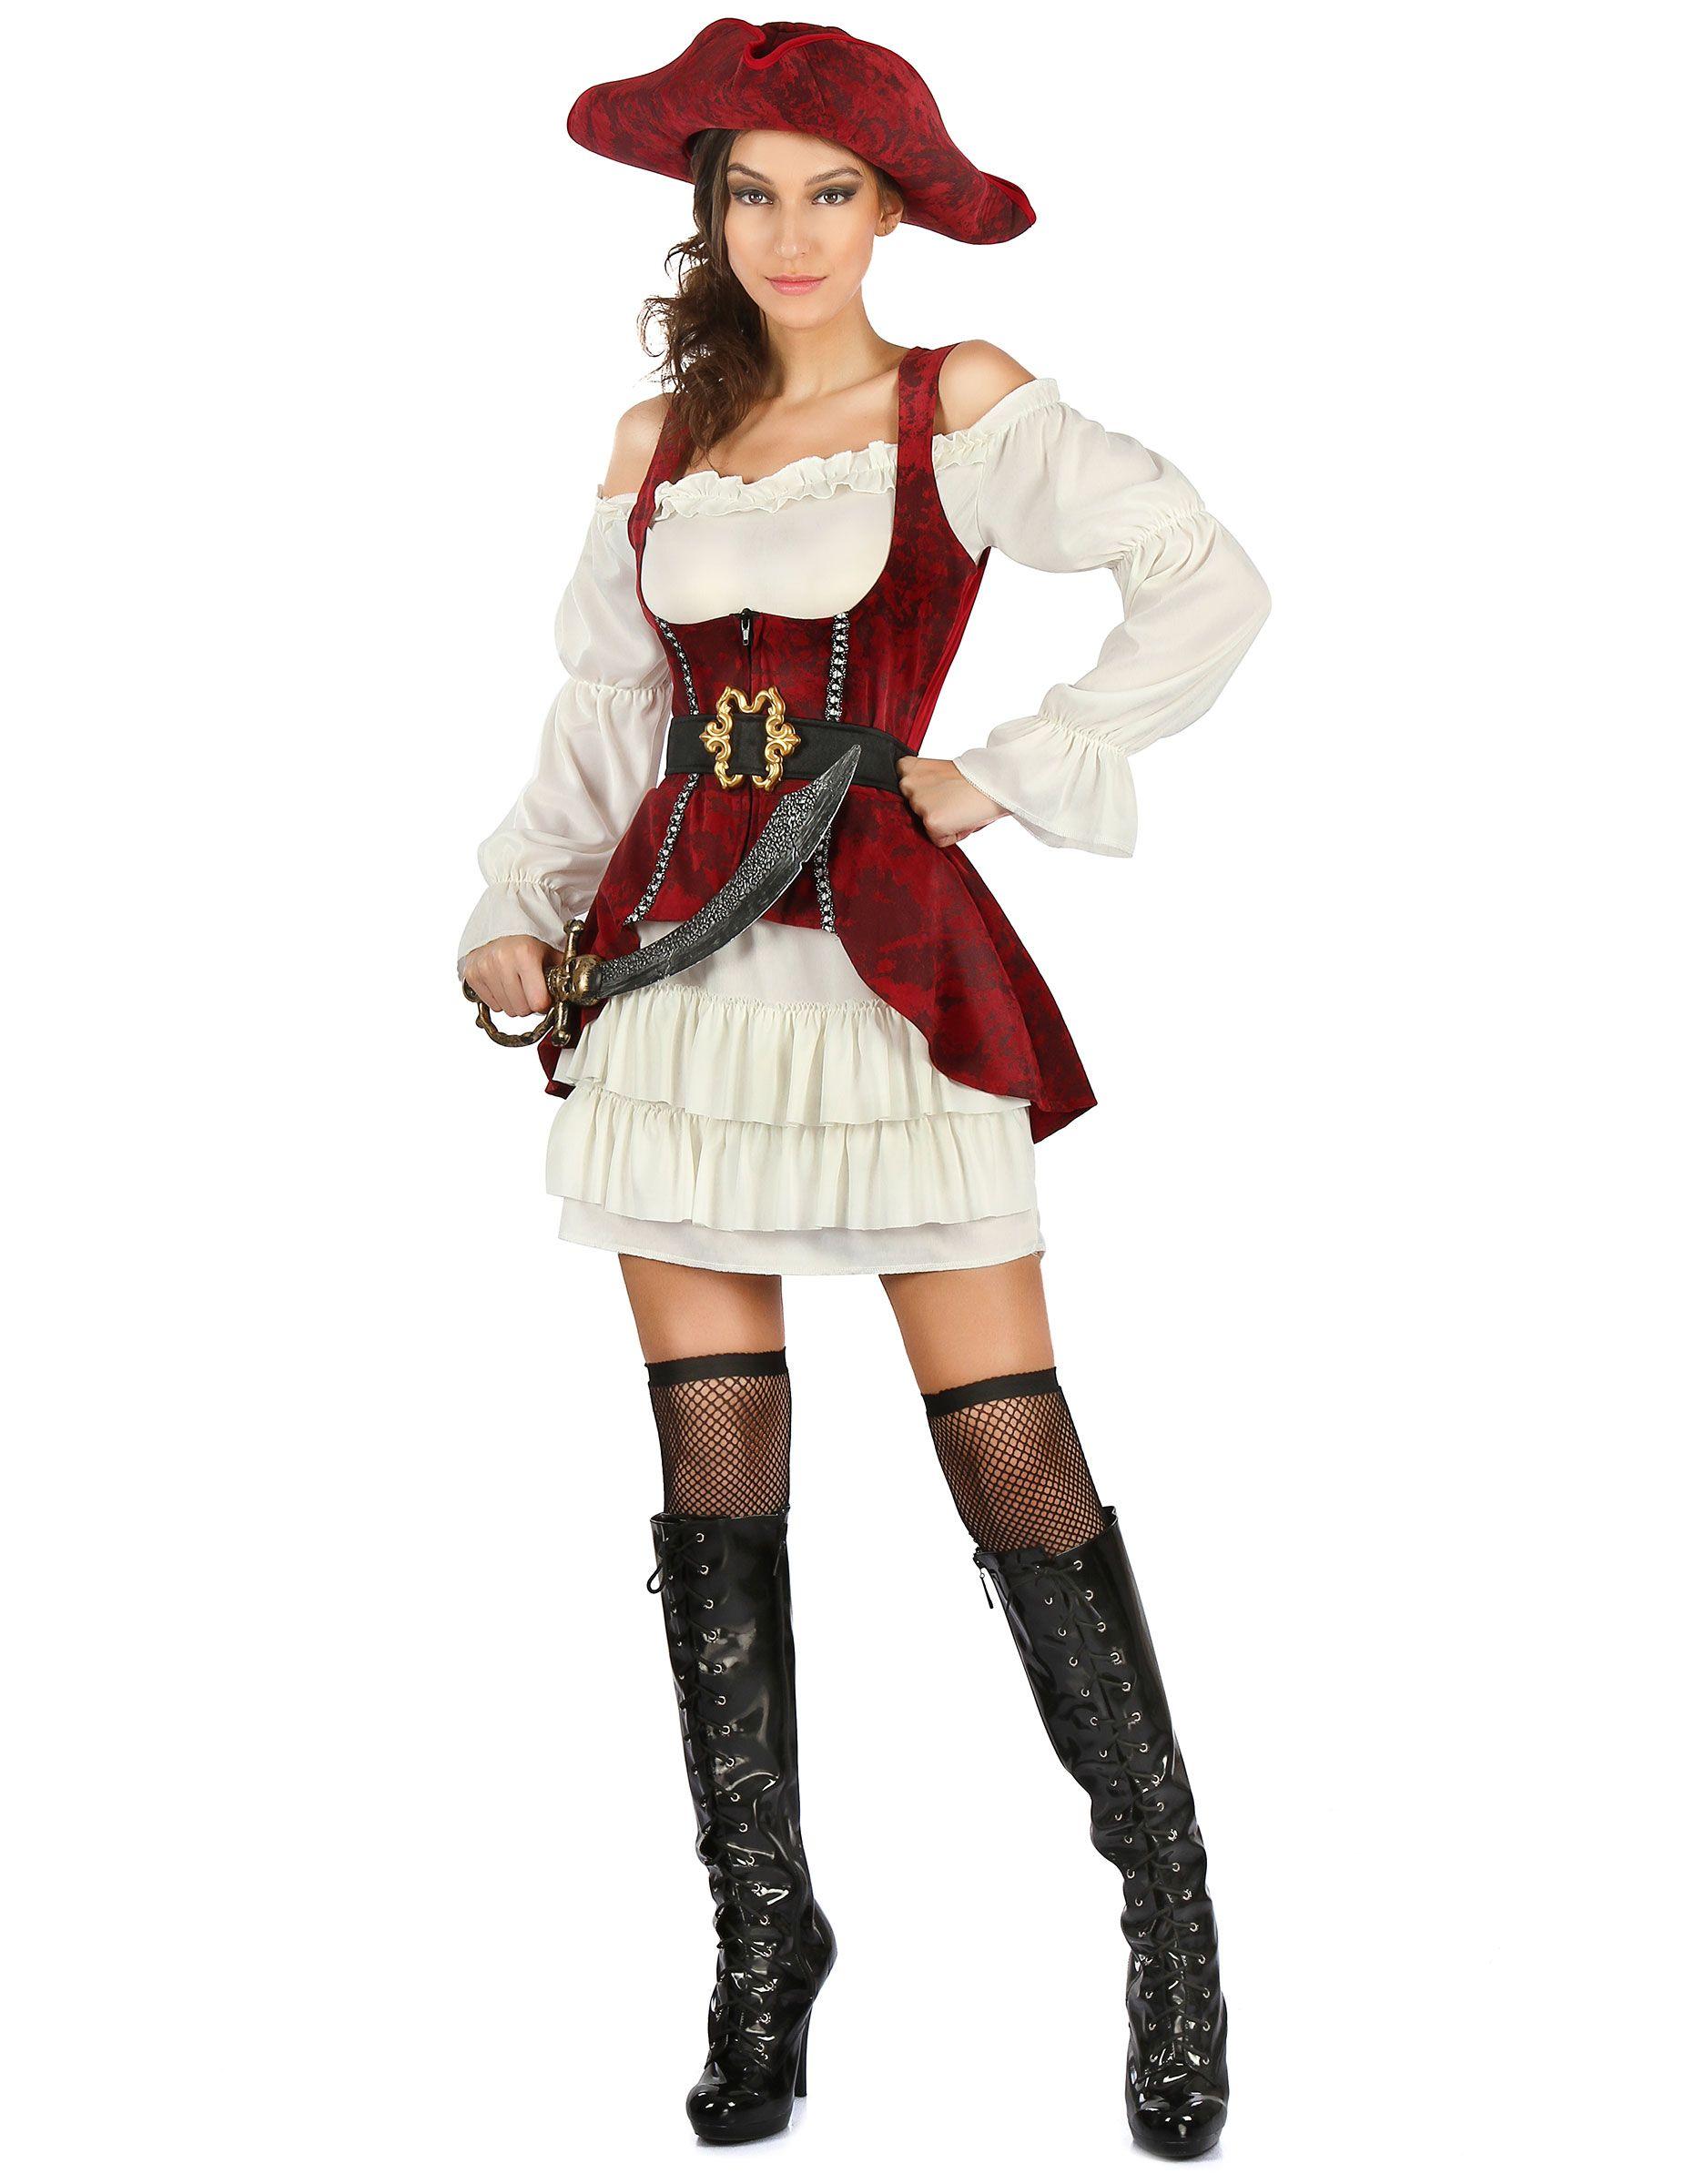 Rojo 2019Halloween Pirata Adultos Mujer Disfraz Blanco En Y 9WEDHI2